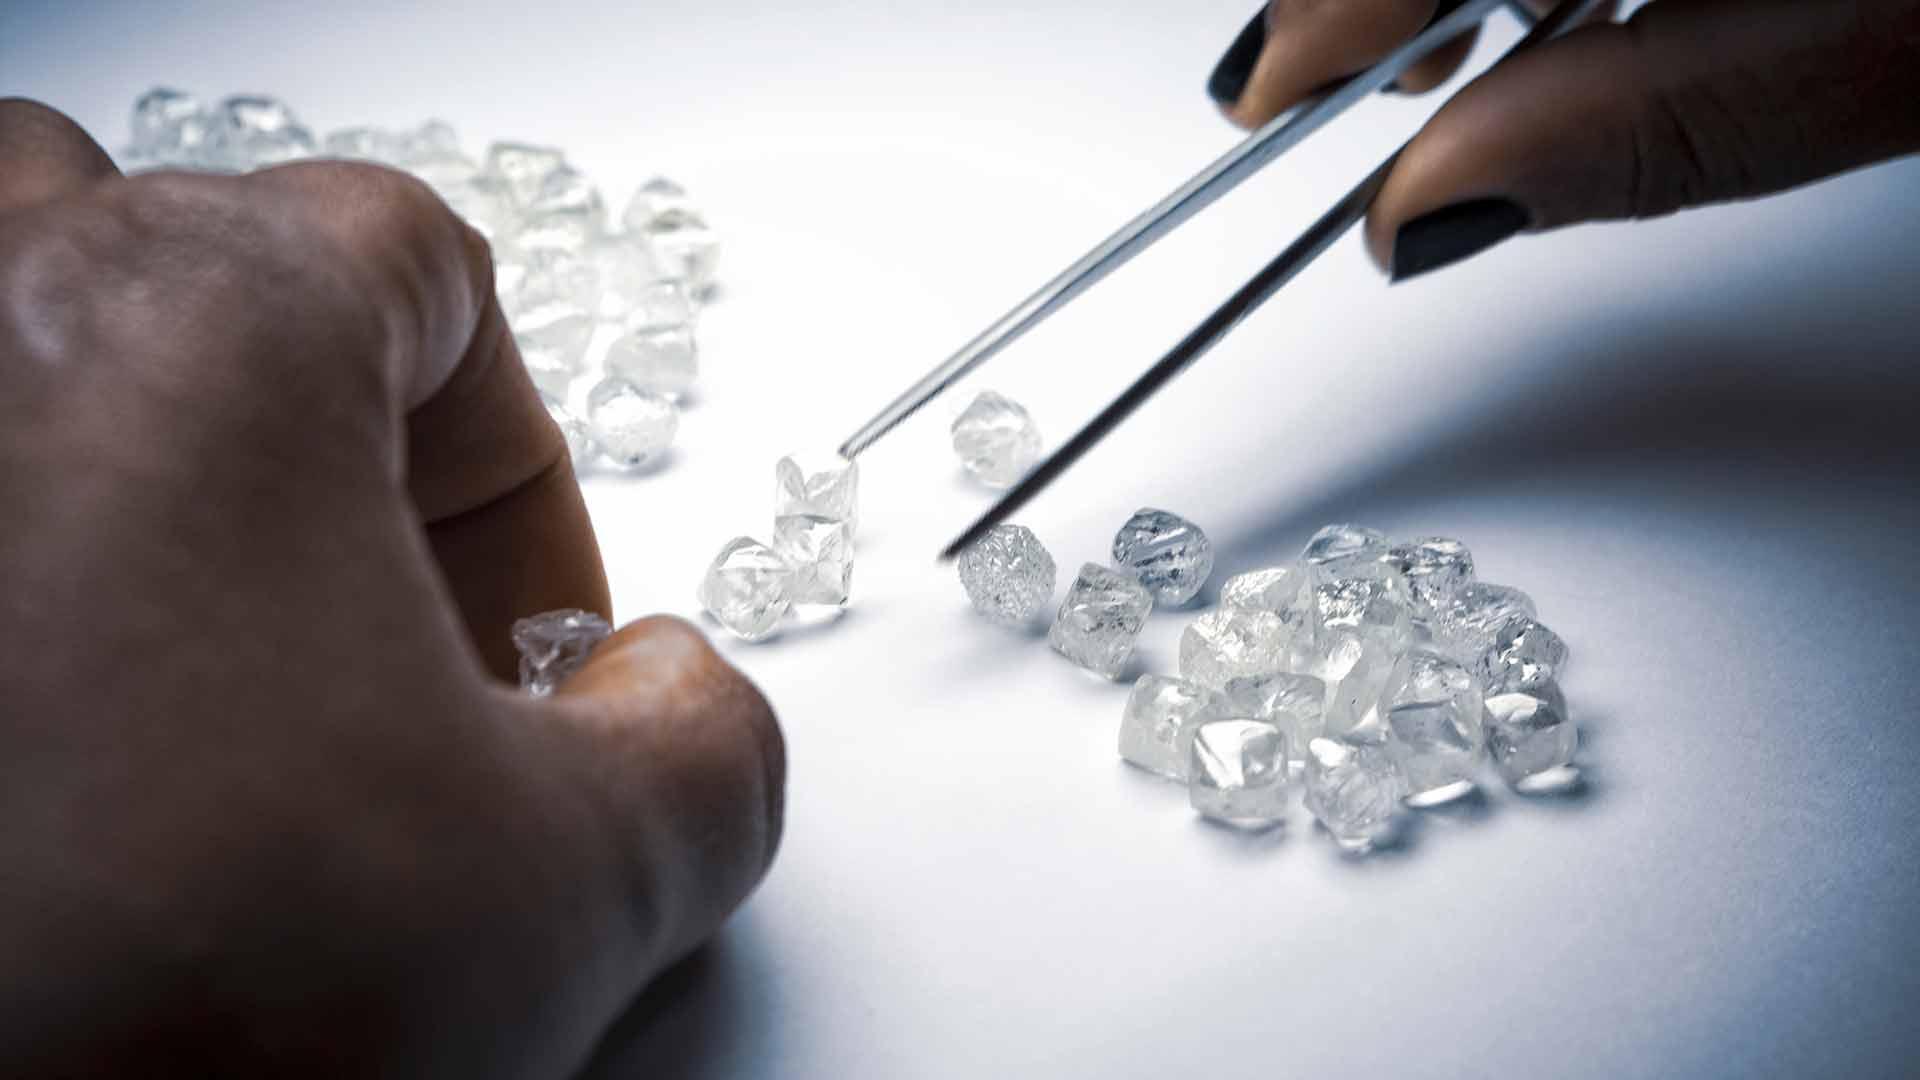 diamants éthiques : mines vers synthétiques